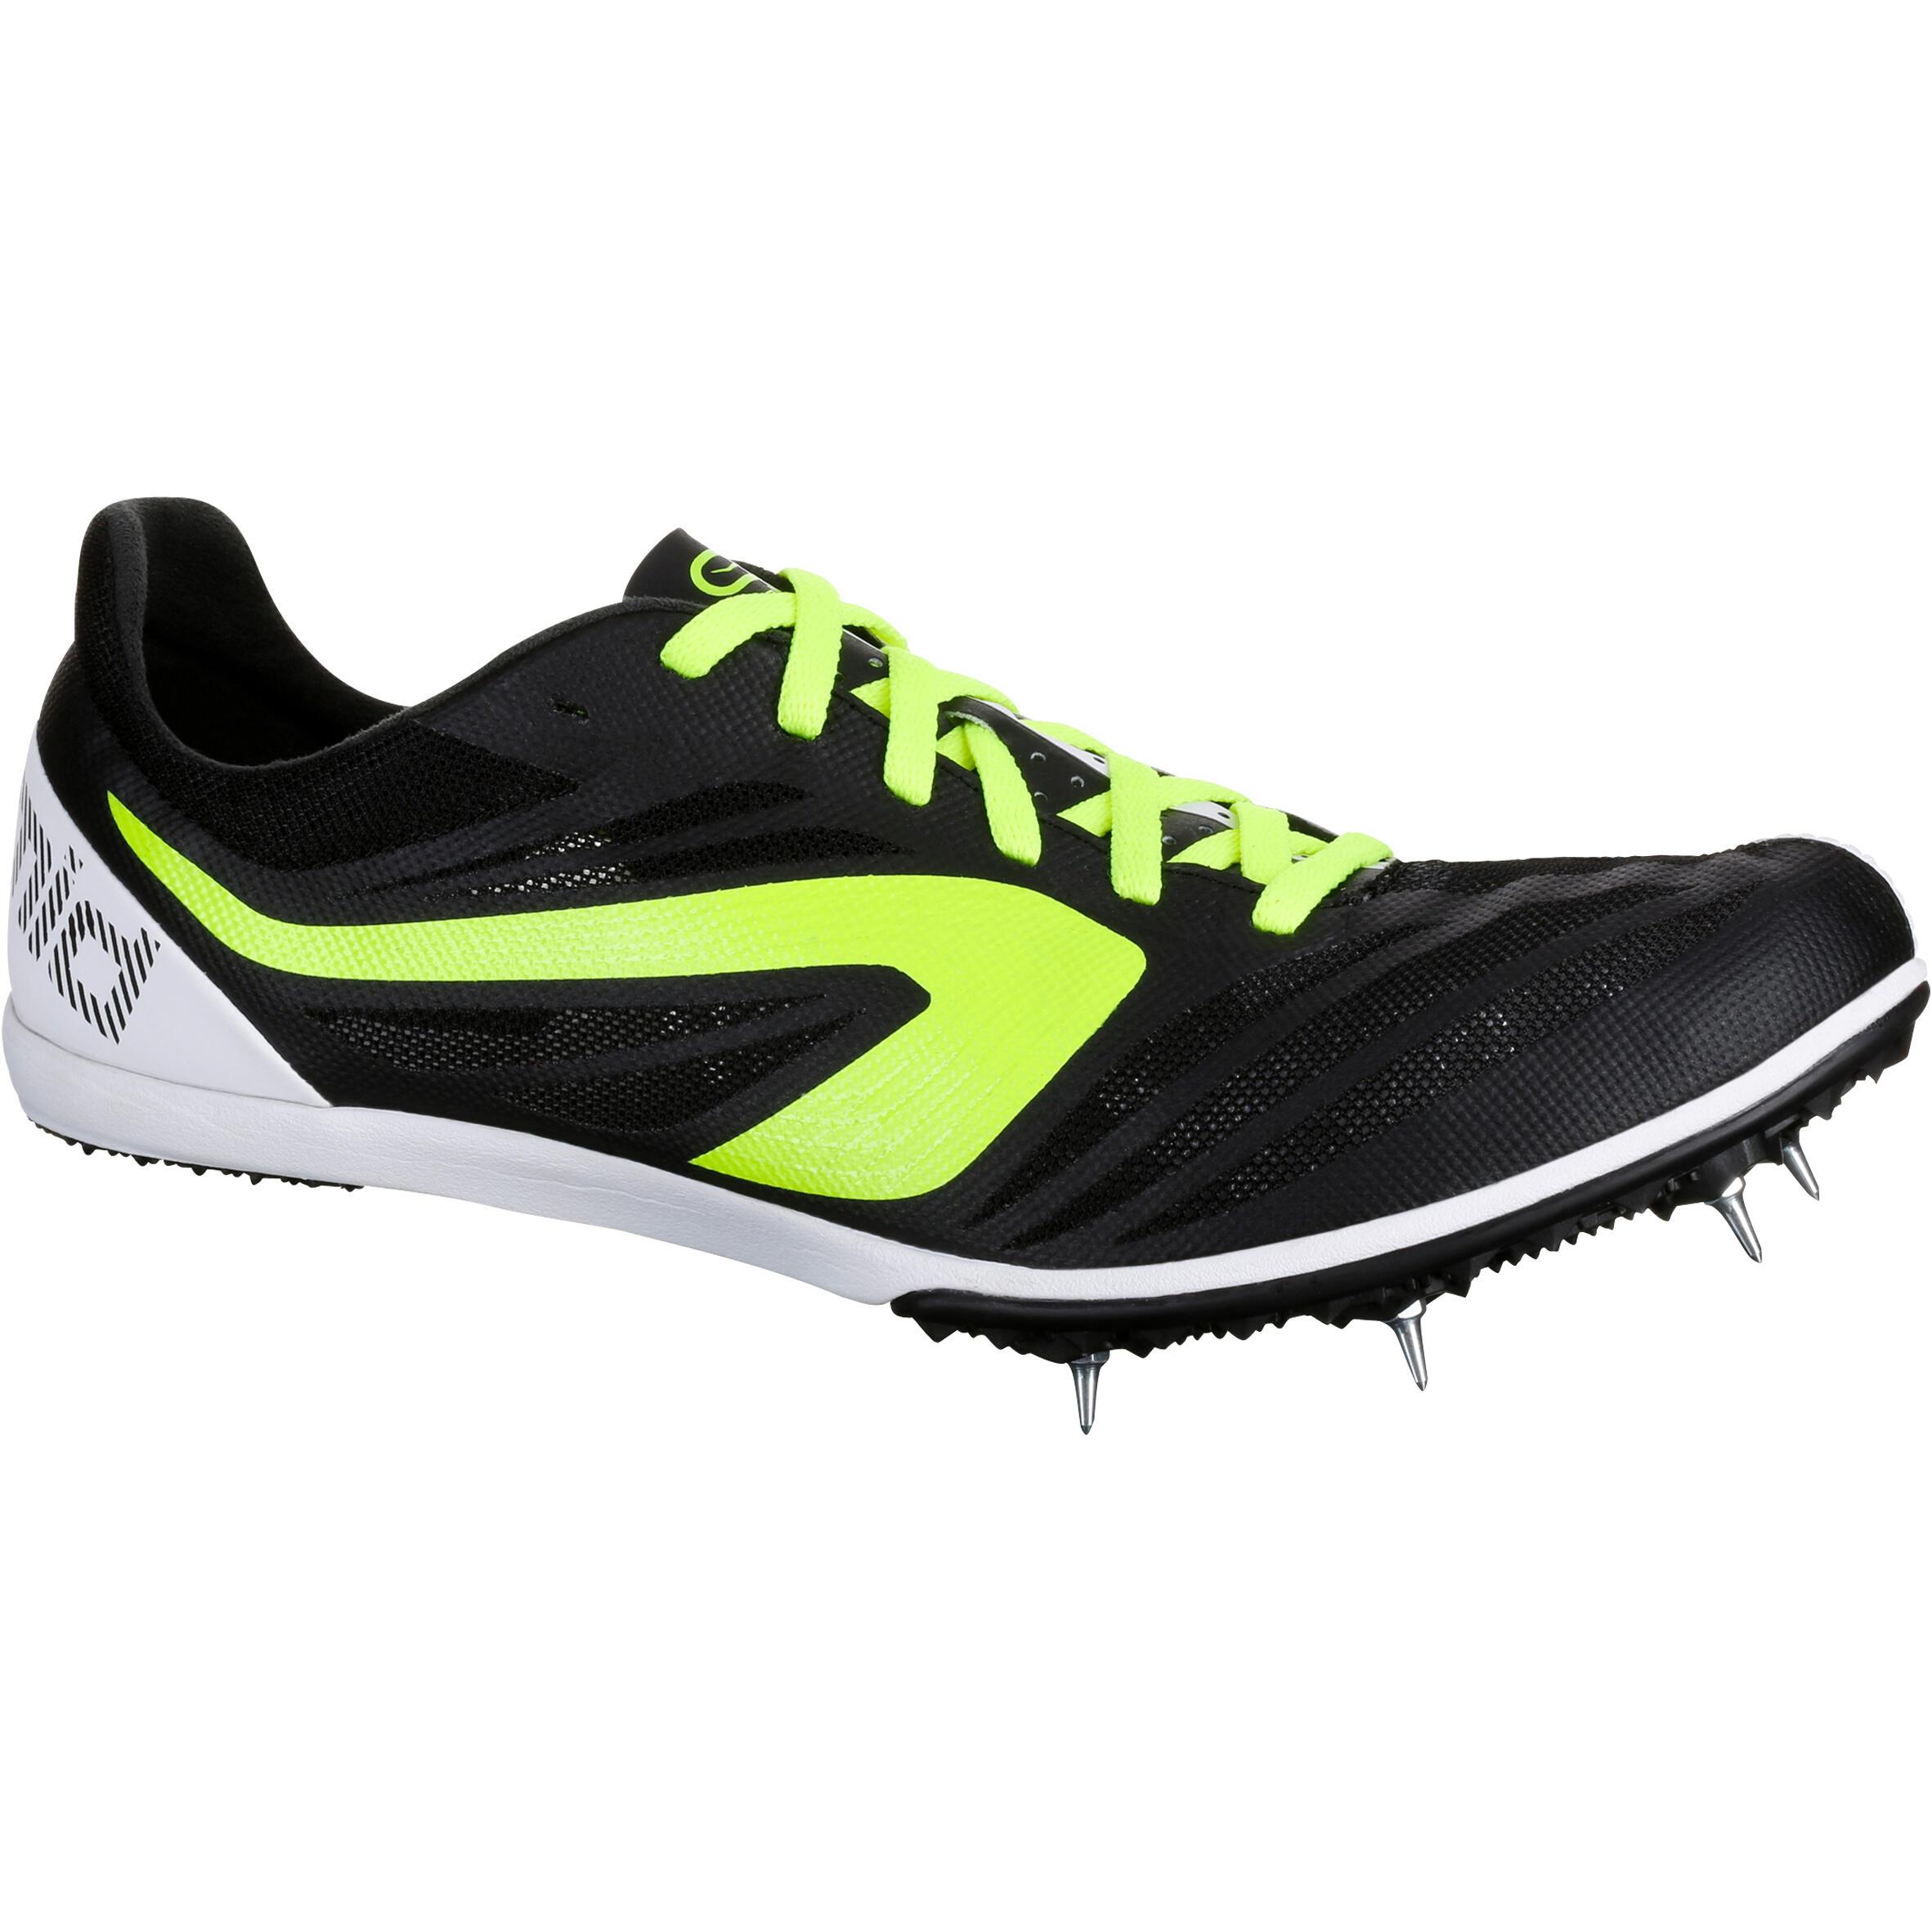 Atletiek schoenen kopen met voordeel